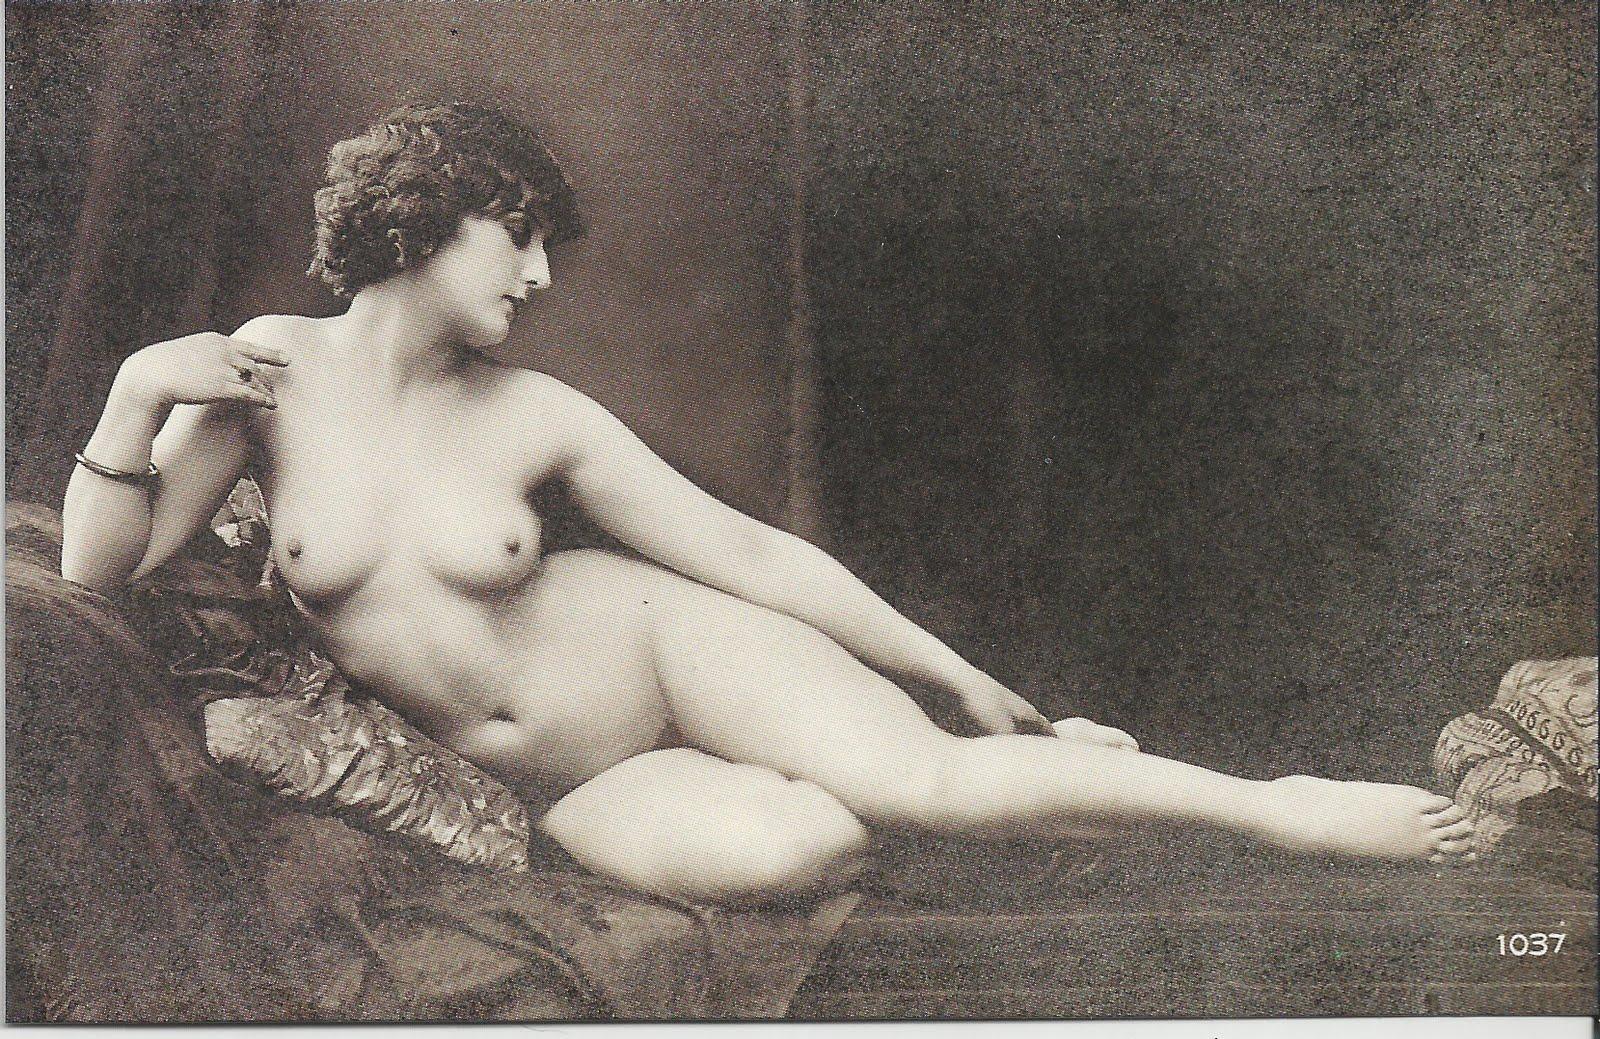 golie-babi-proshlogo-veka-porno-zaperli-v-mashine-potom-usipili